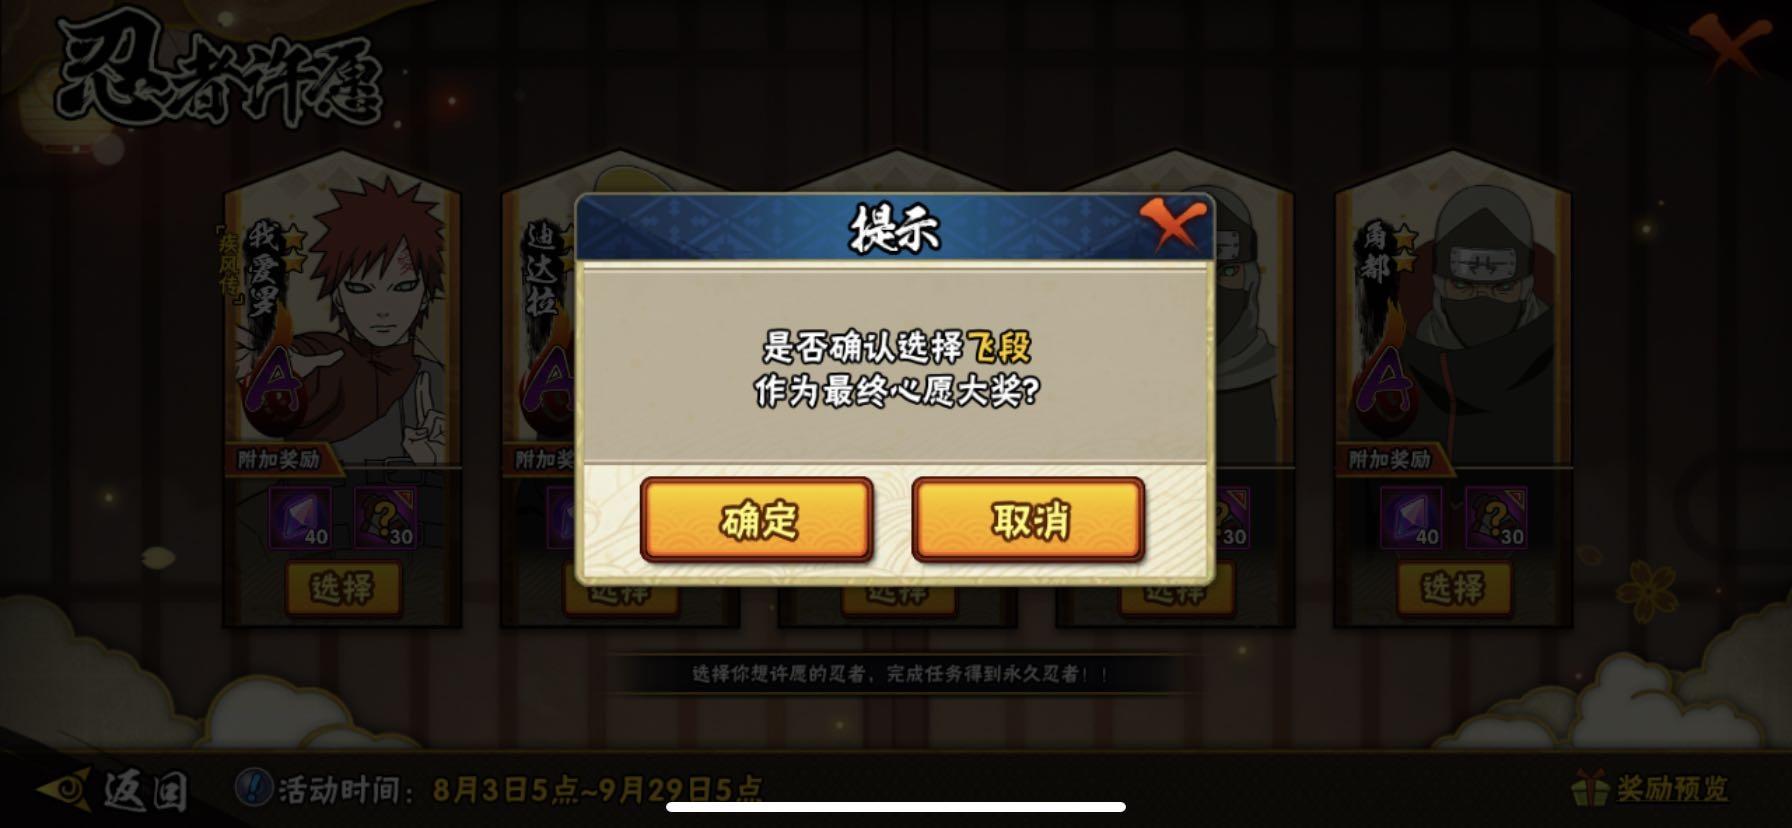 火影忍者手游忍者许愿选哪个(3)